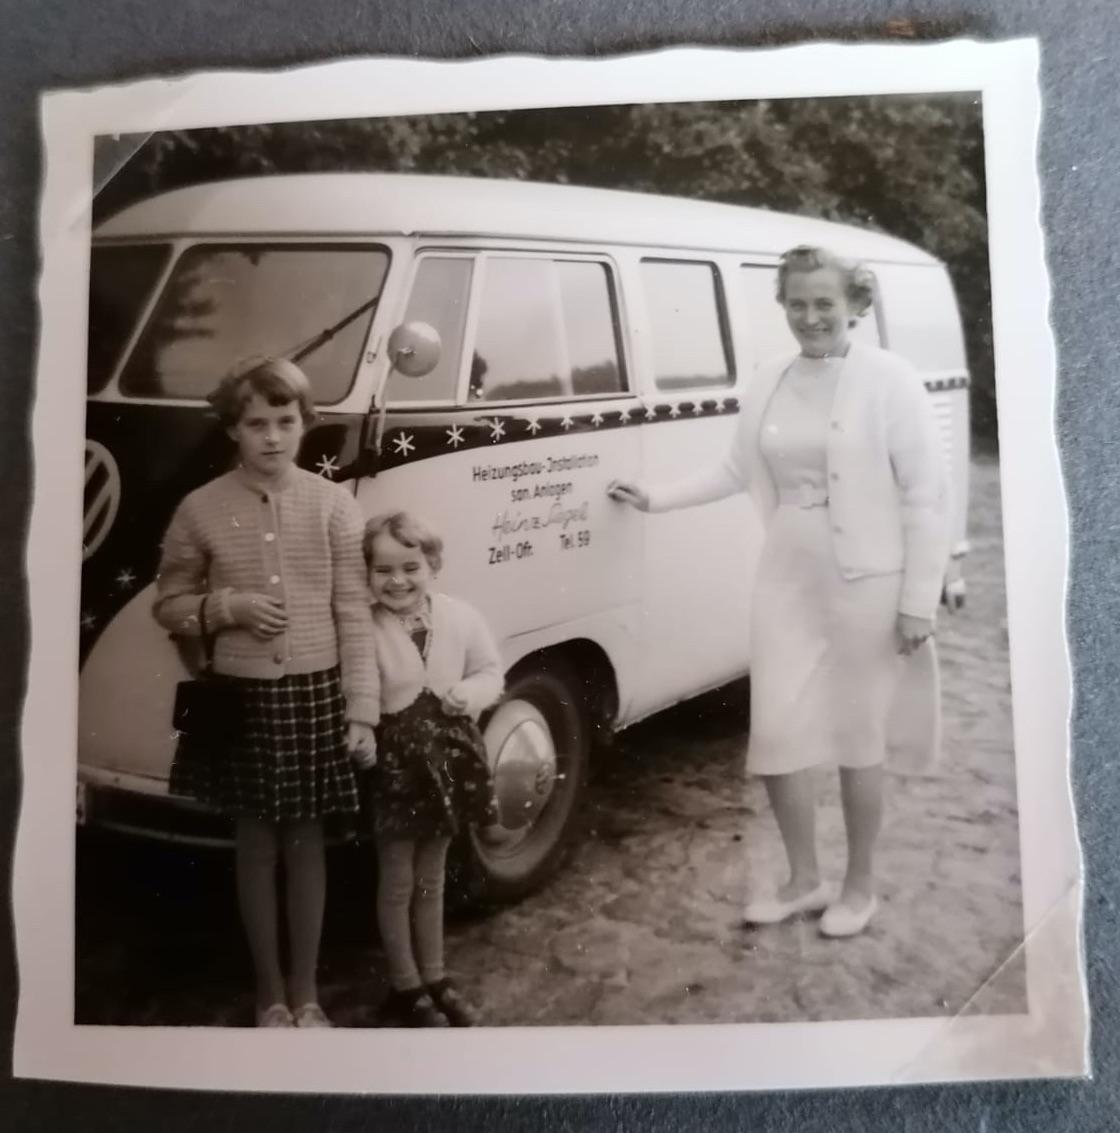 Familie des Gruender vor Siegel-VW-Bus im Jahr 1959